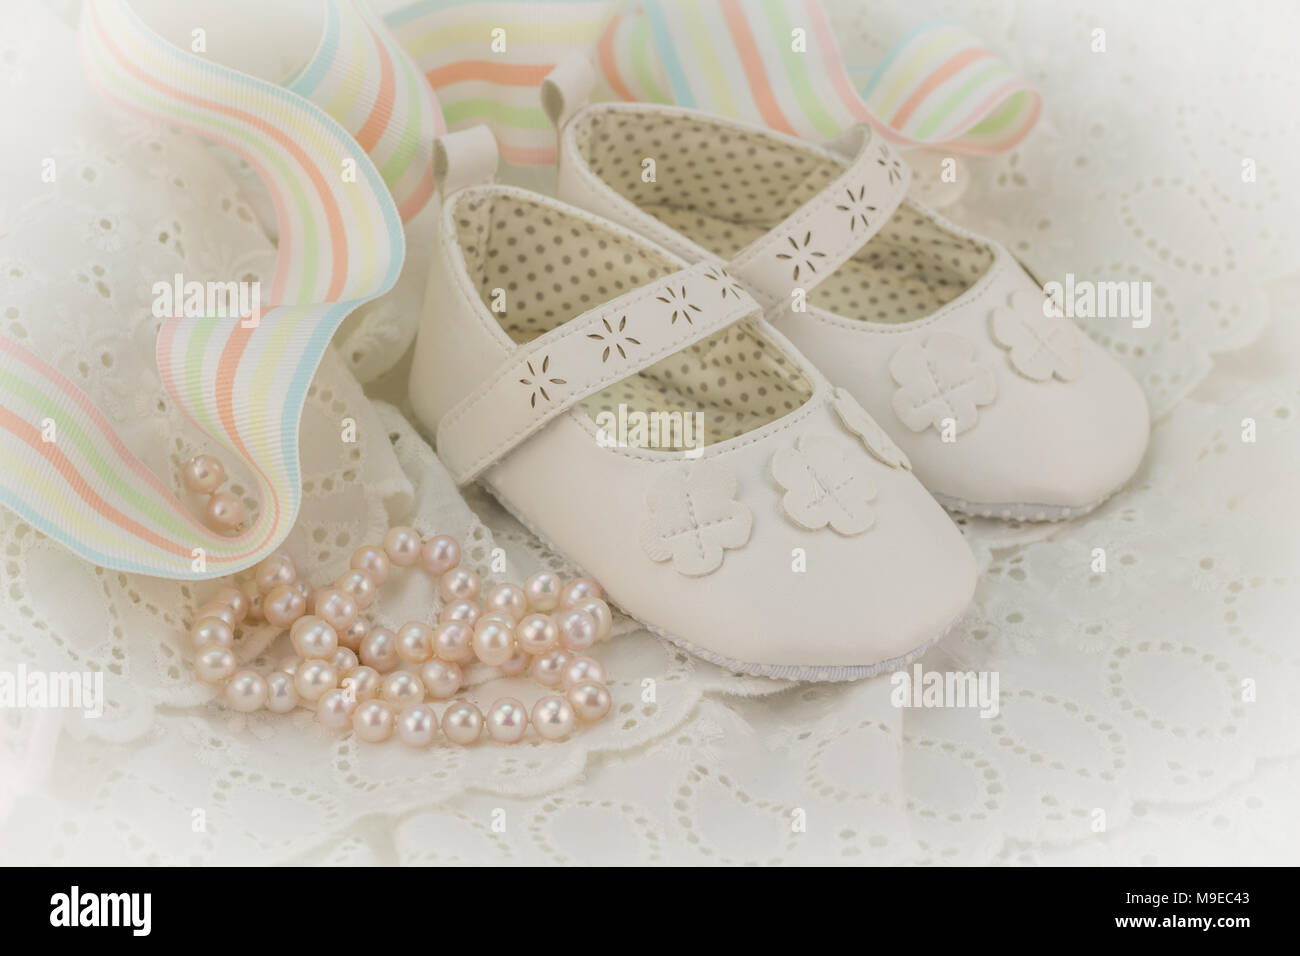 Il Battesimo O Compleanno Invito Sfondo Per Bambina Con Perle Rosa